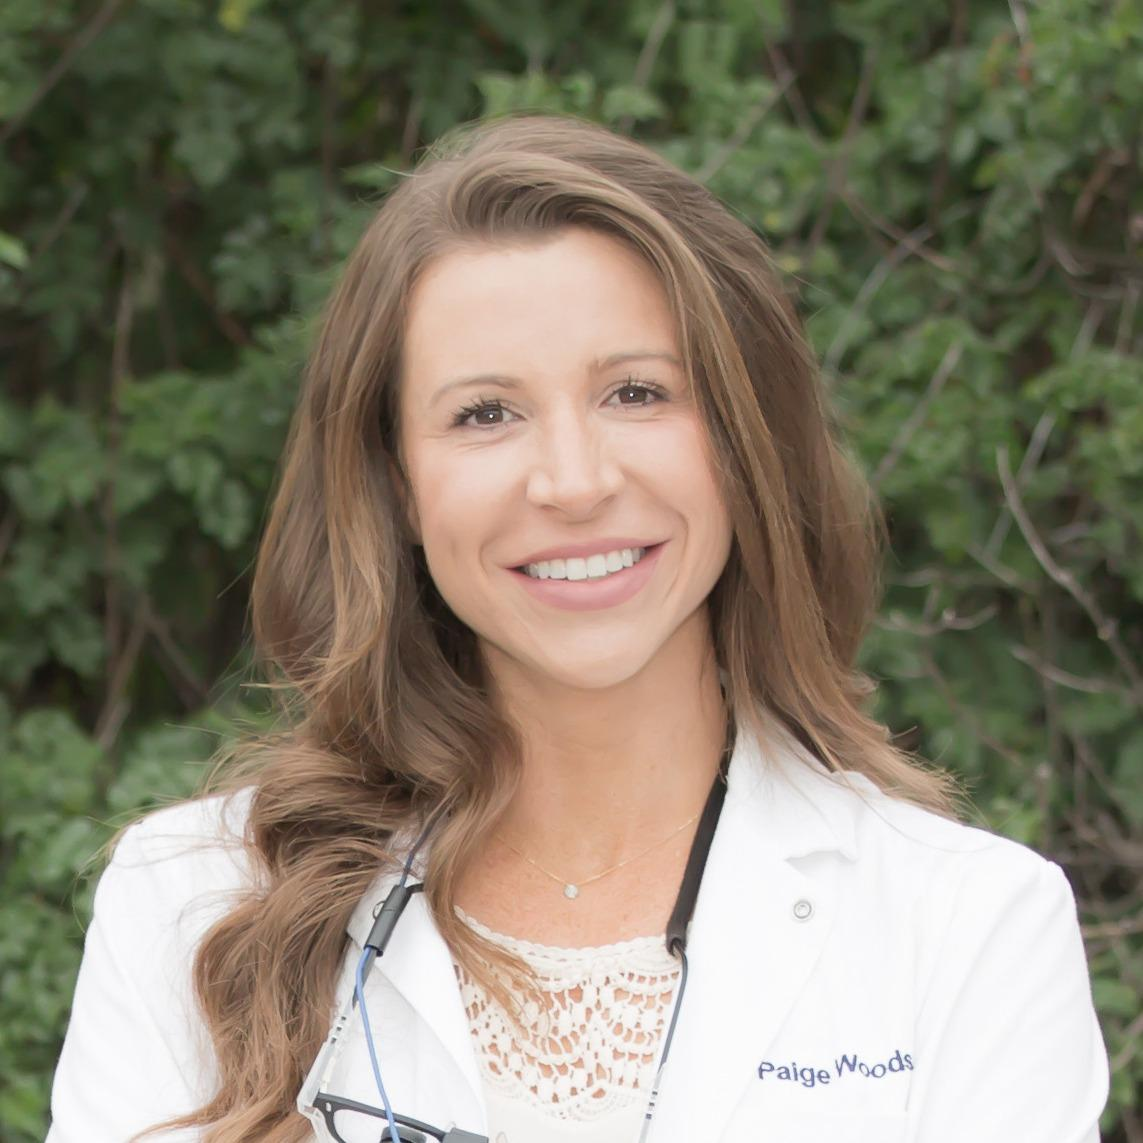 Dr. Paige Woods, DDS